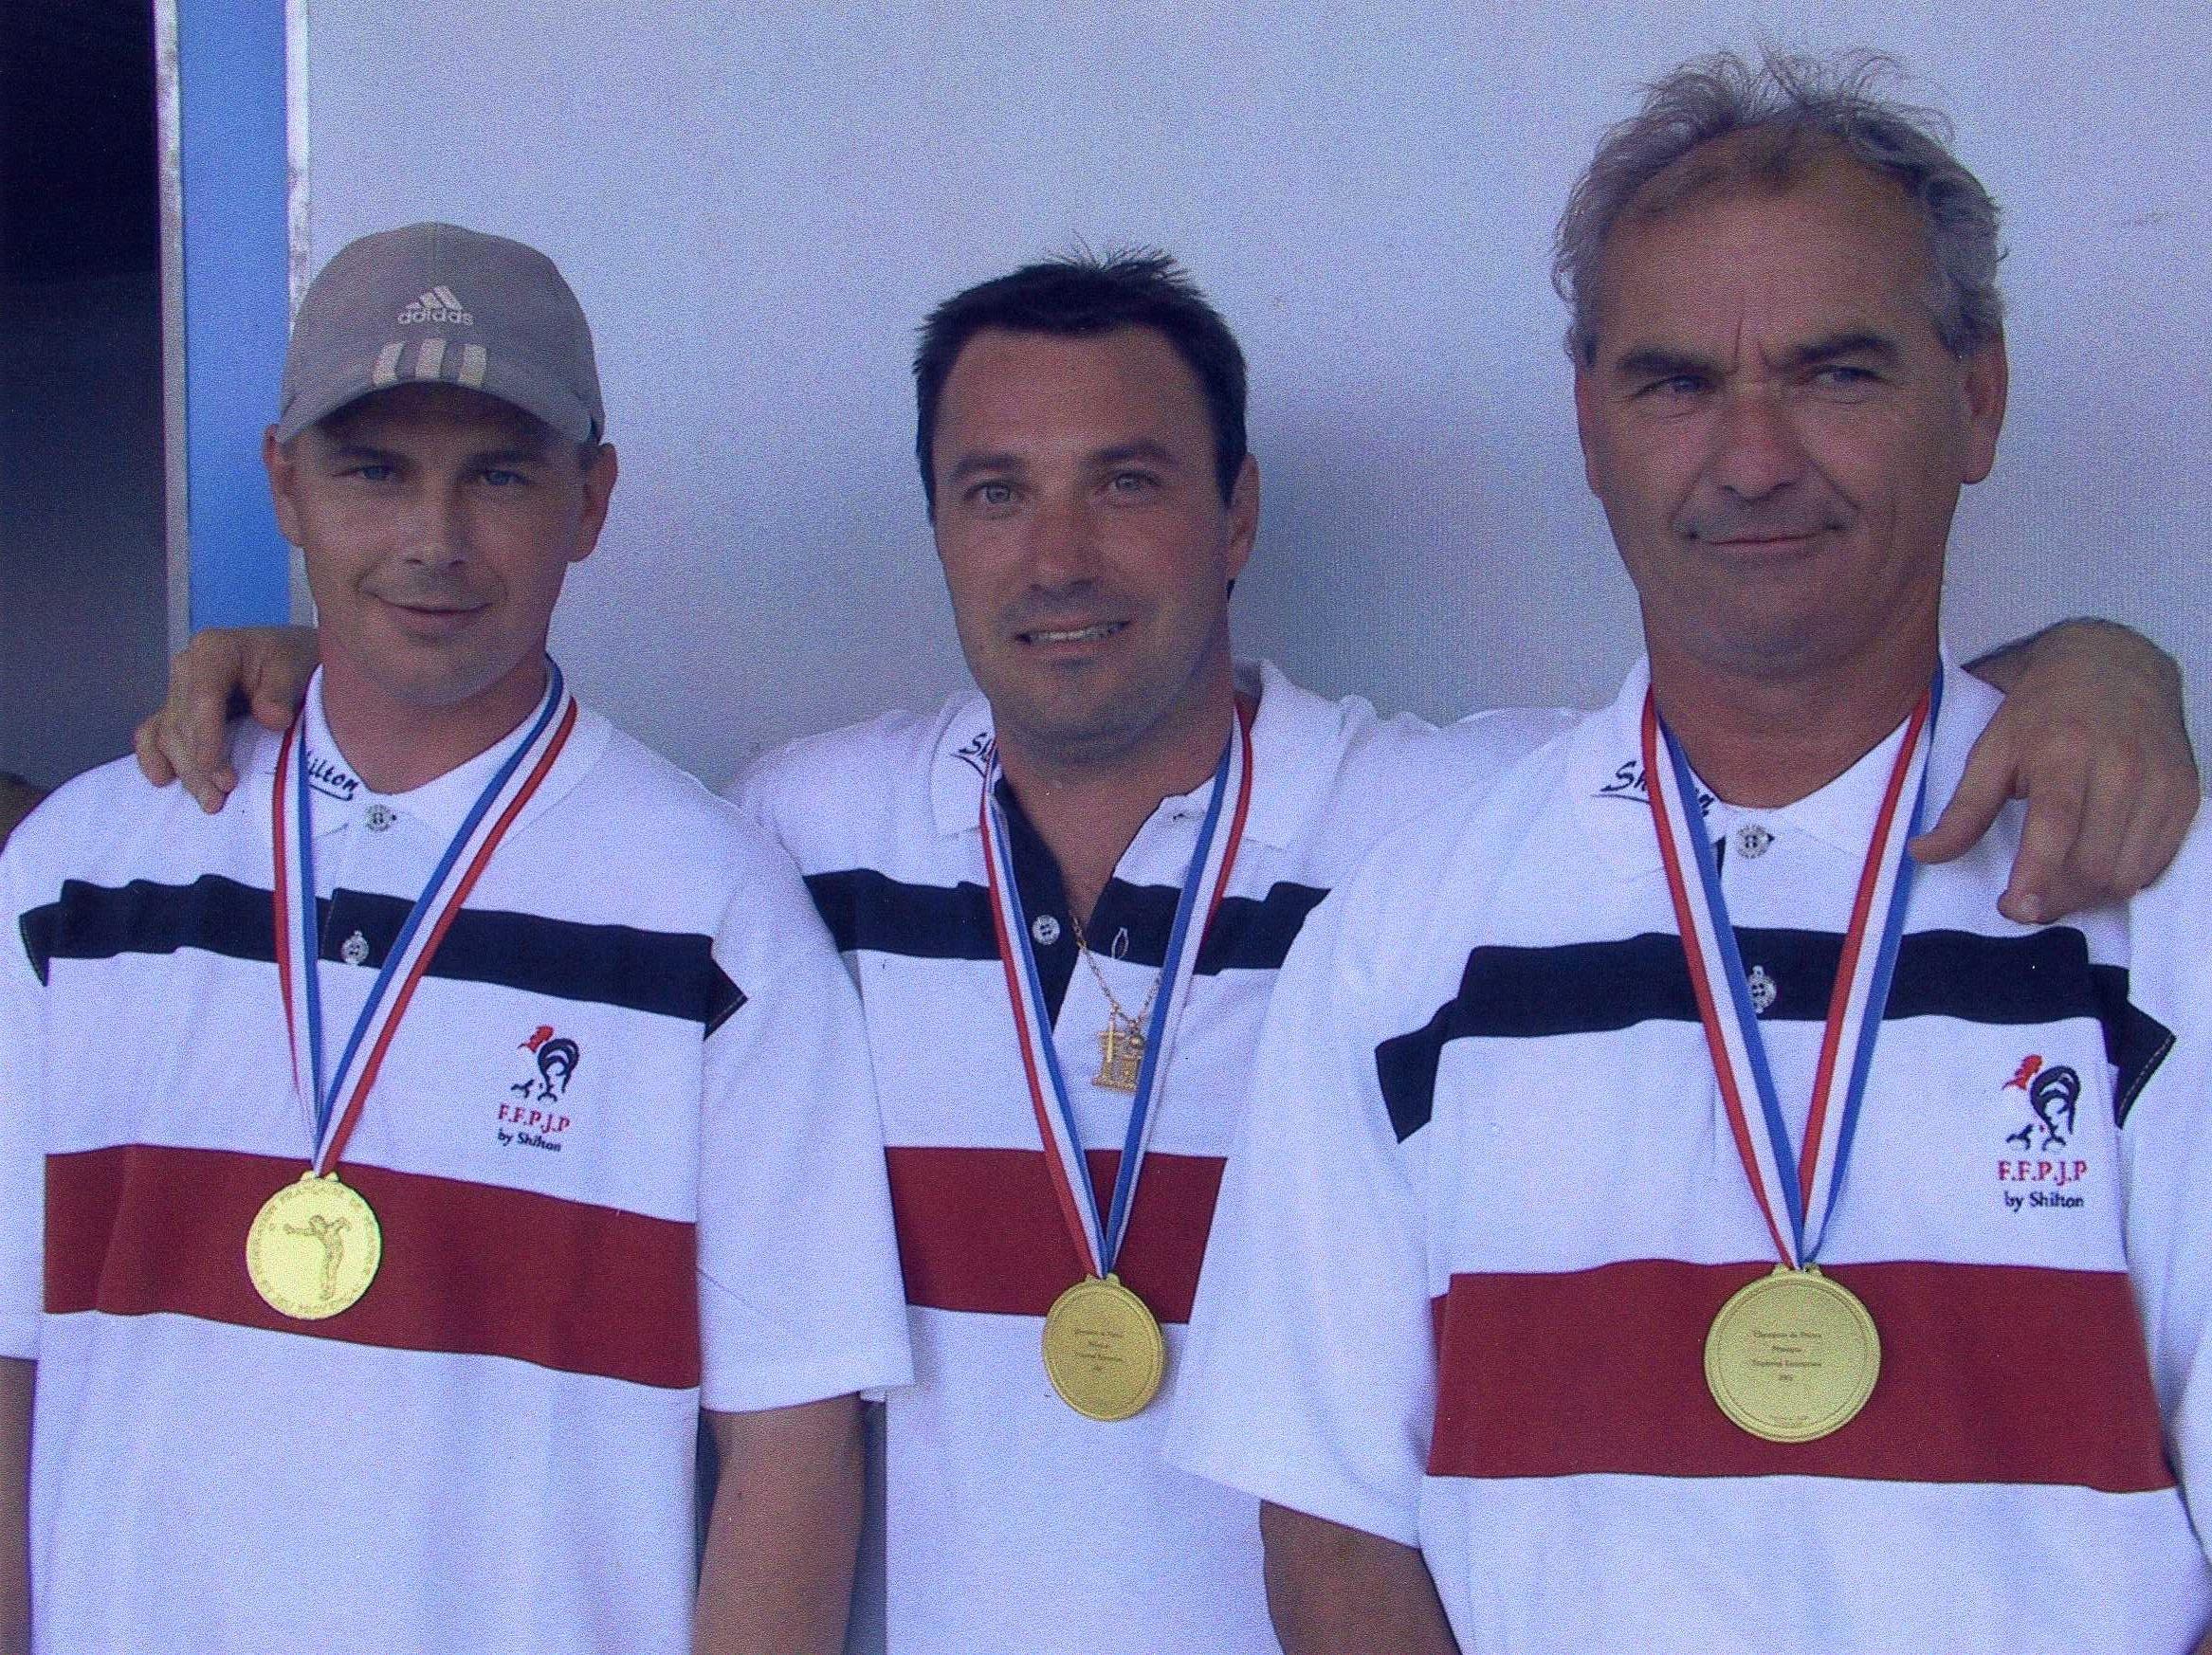 Les champions de France corporatifs 2002 > Yannick HOLLET - Jean-Marc RAPISARDA - Patrick HOLLET